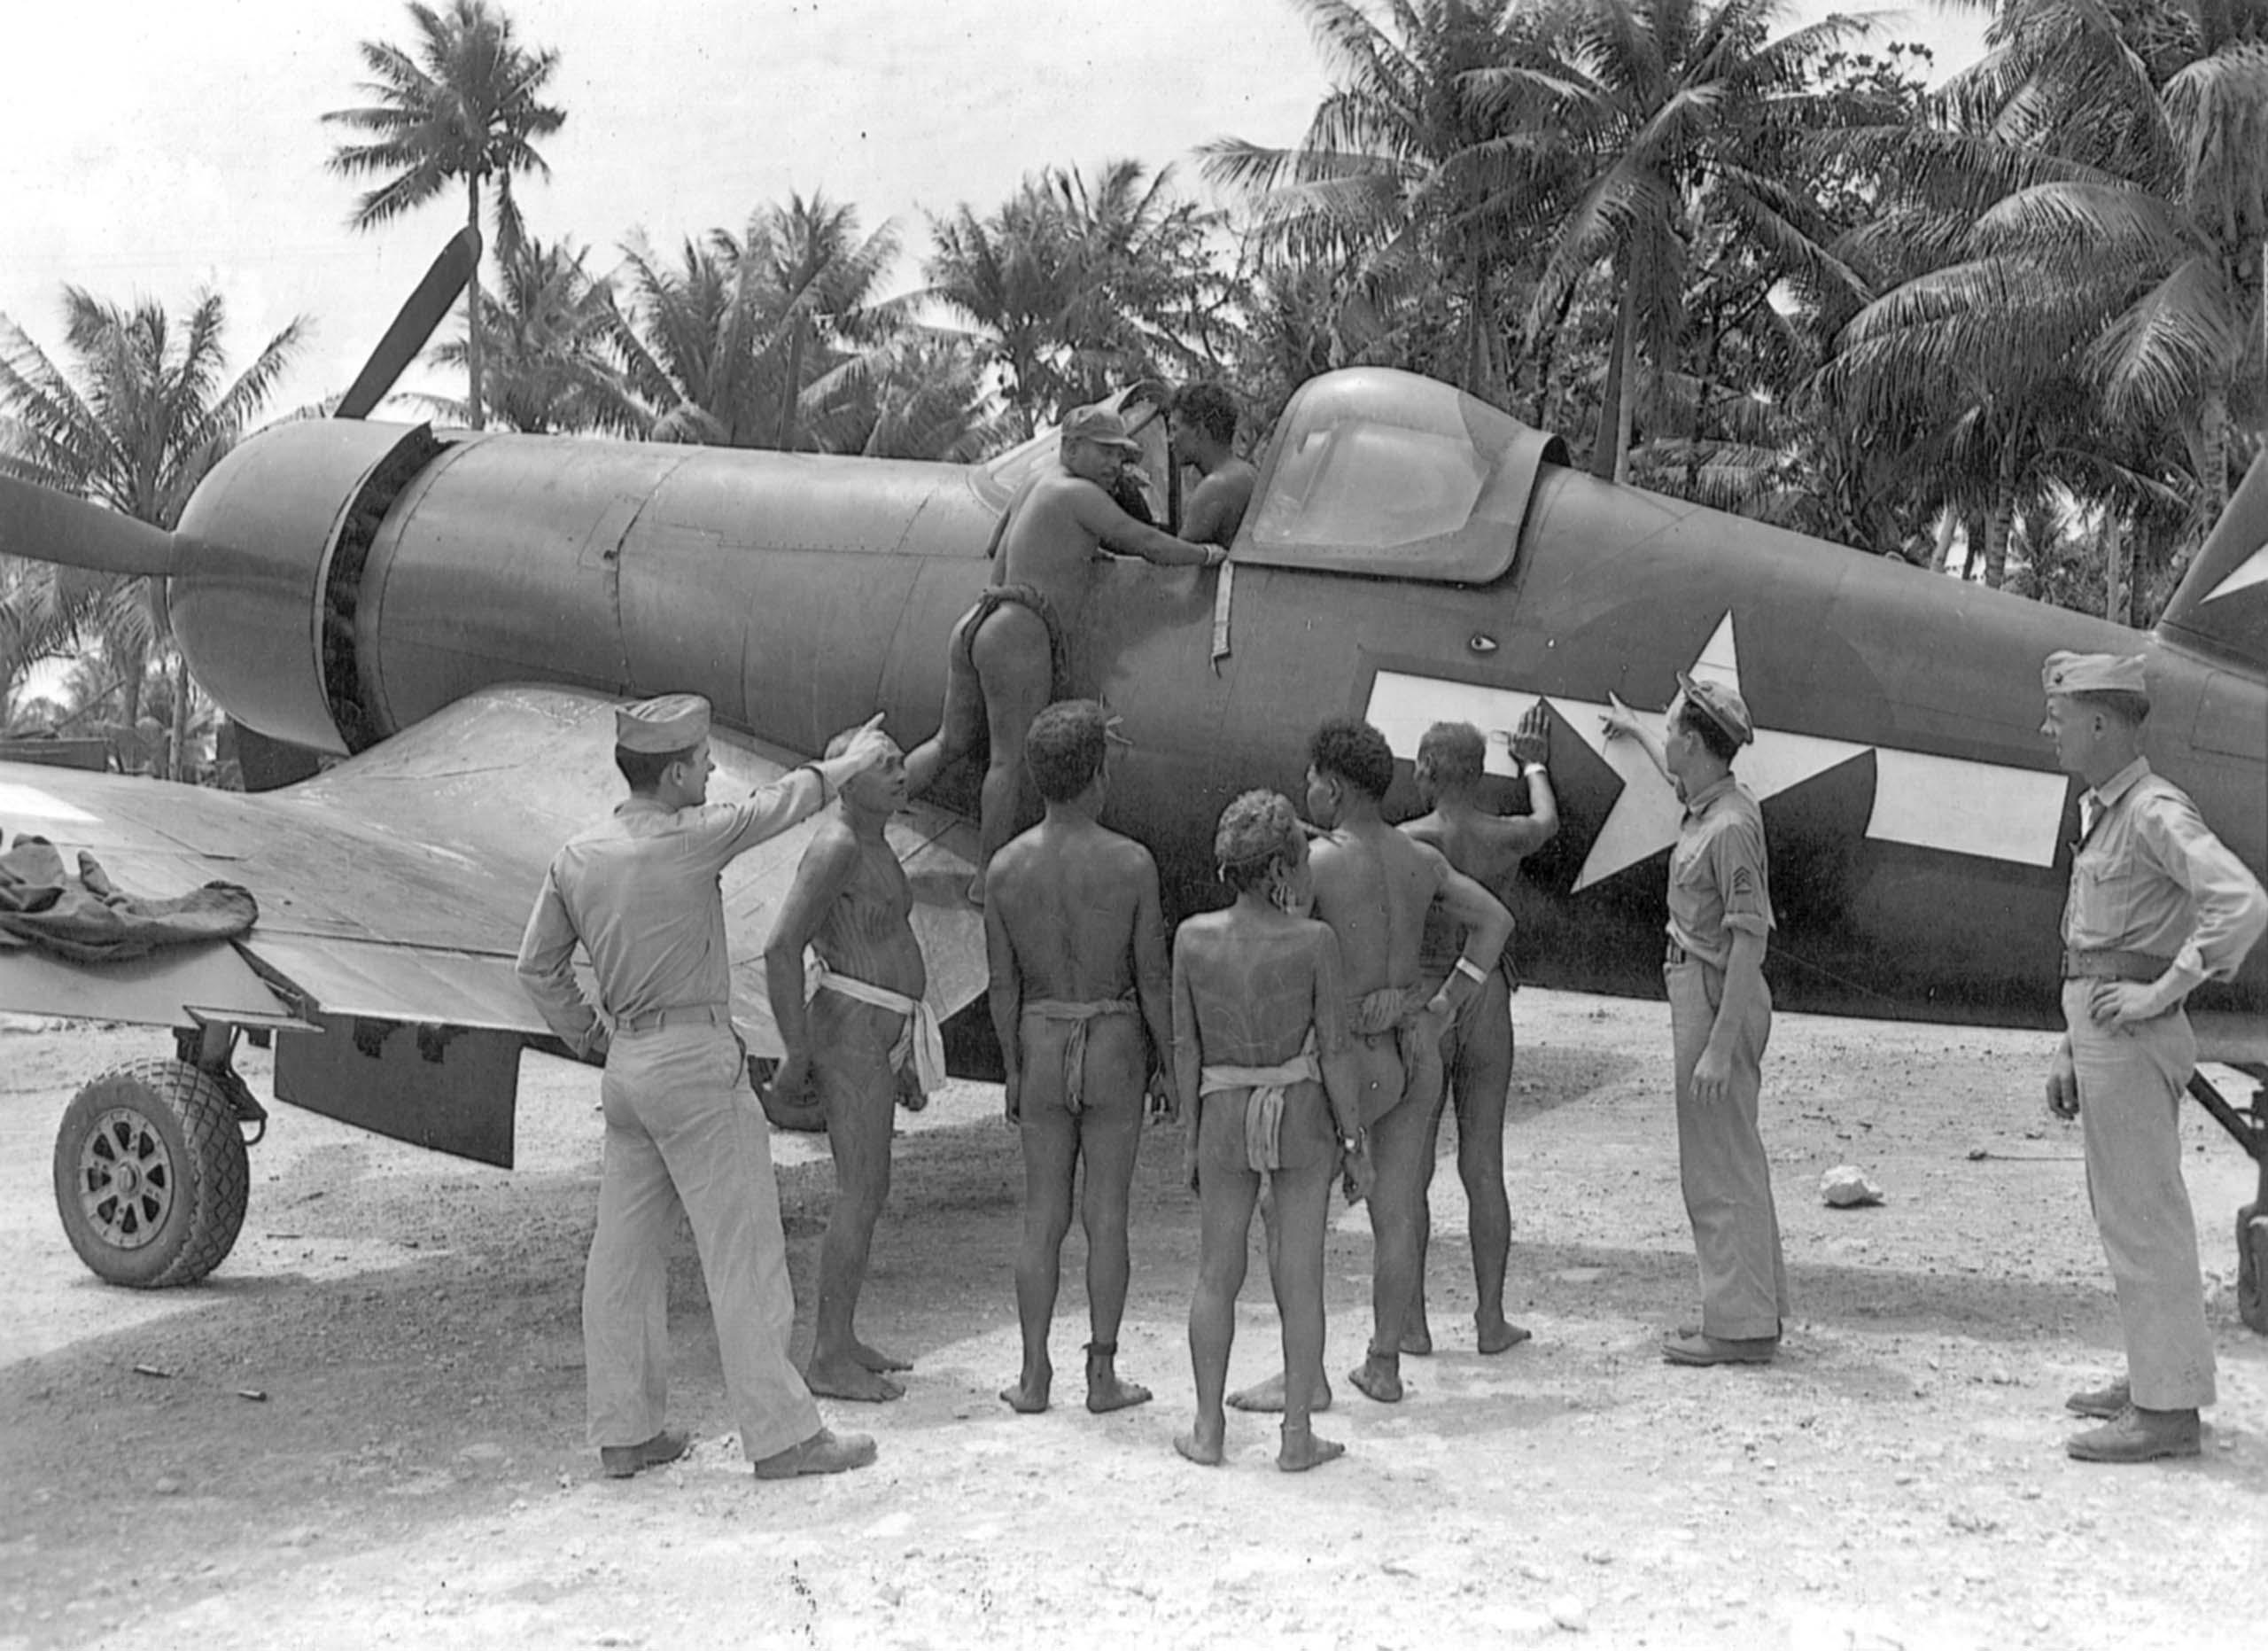 American pilots